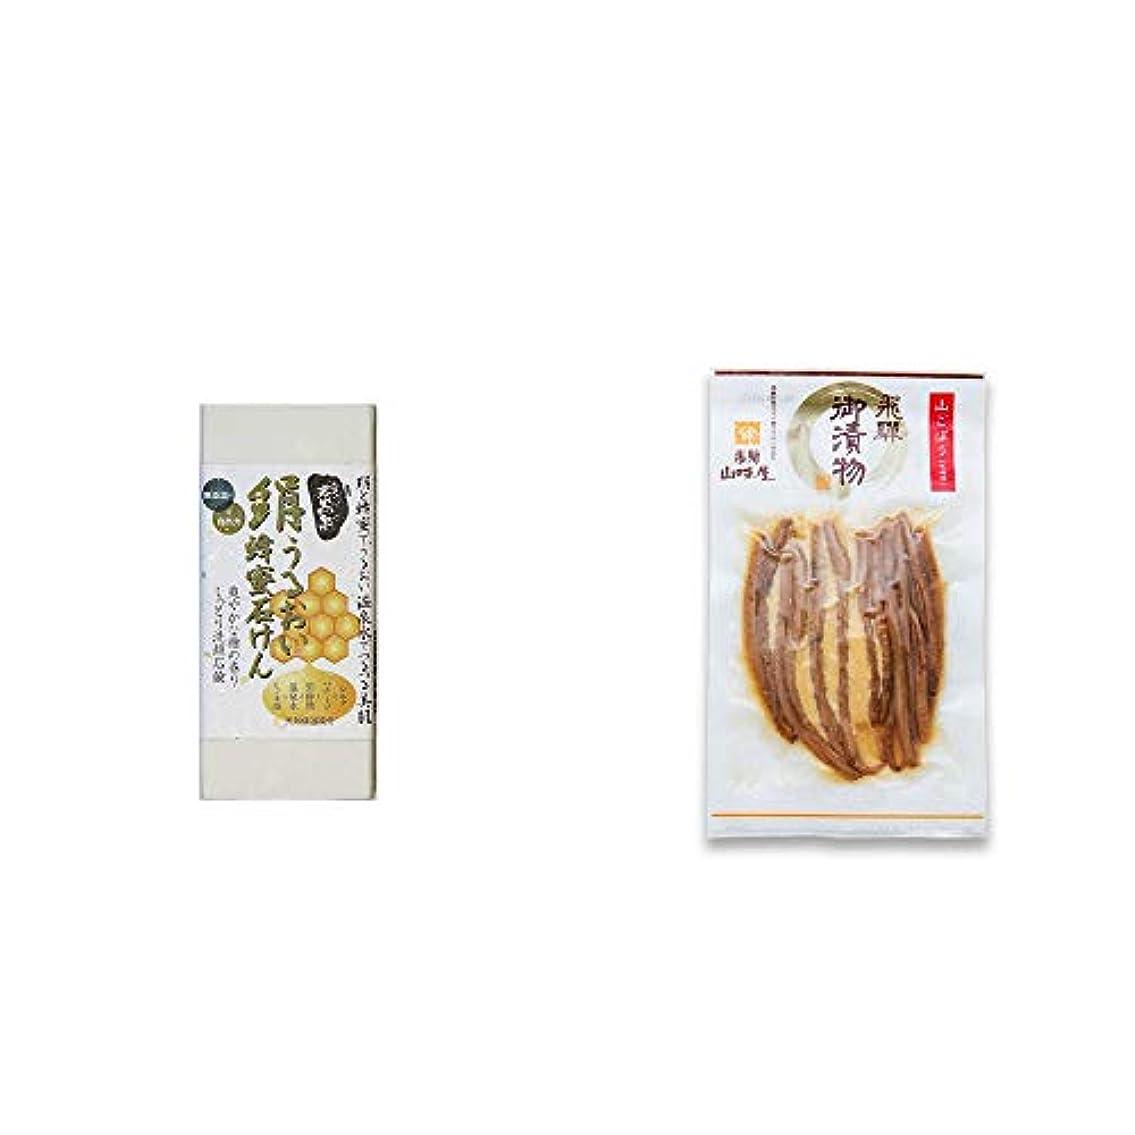 マンハッタンモーション進化する[2点セット] ひのき炭黒泉 絹うるおい蜂蜜石けん(75g×2)?飛騨山味屋 山ごぼう味噌漬(80g)